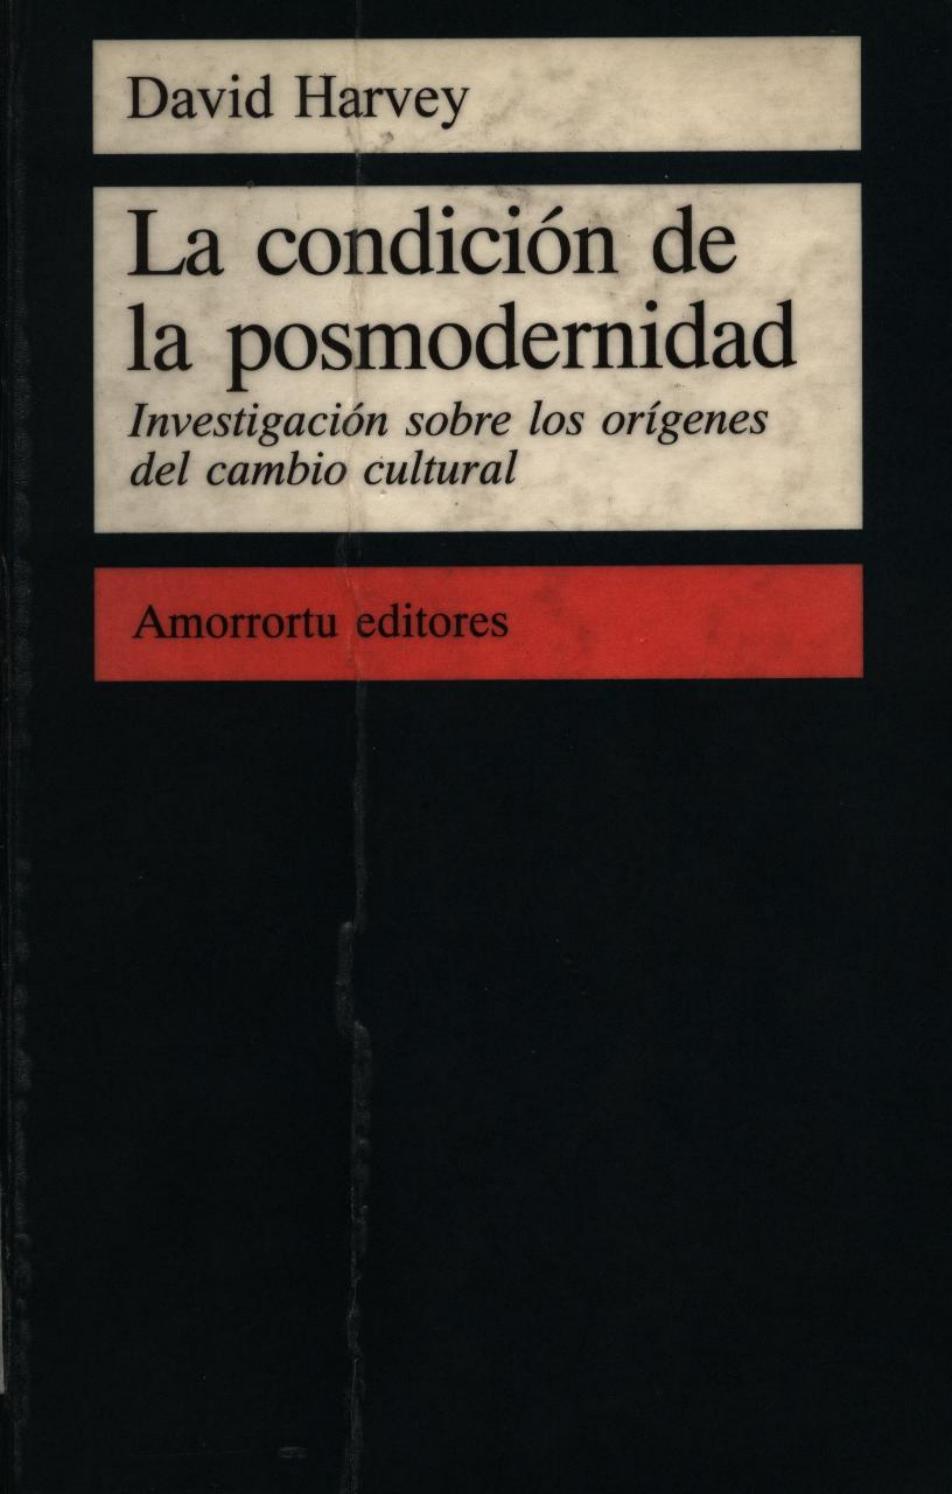 La condición de la posmodernidad by Gustavo - issuu